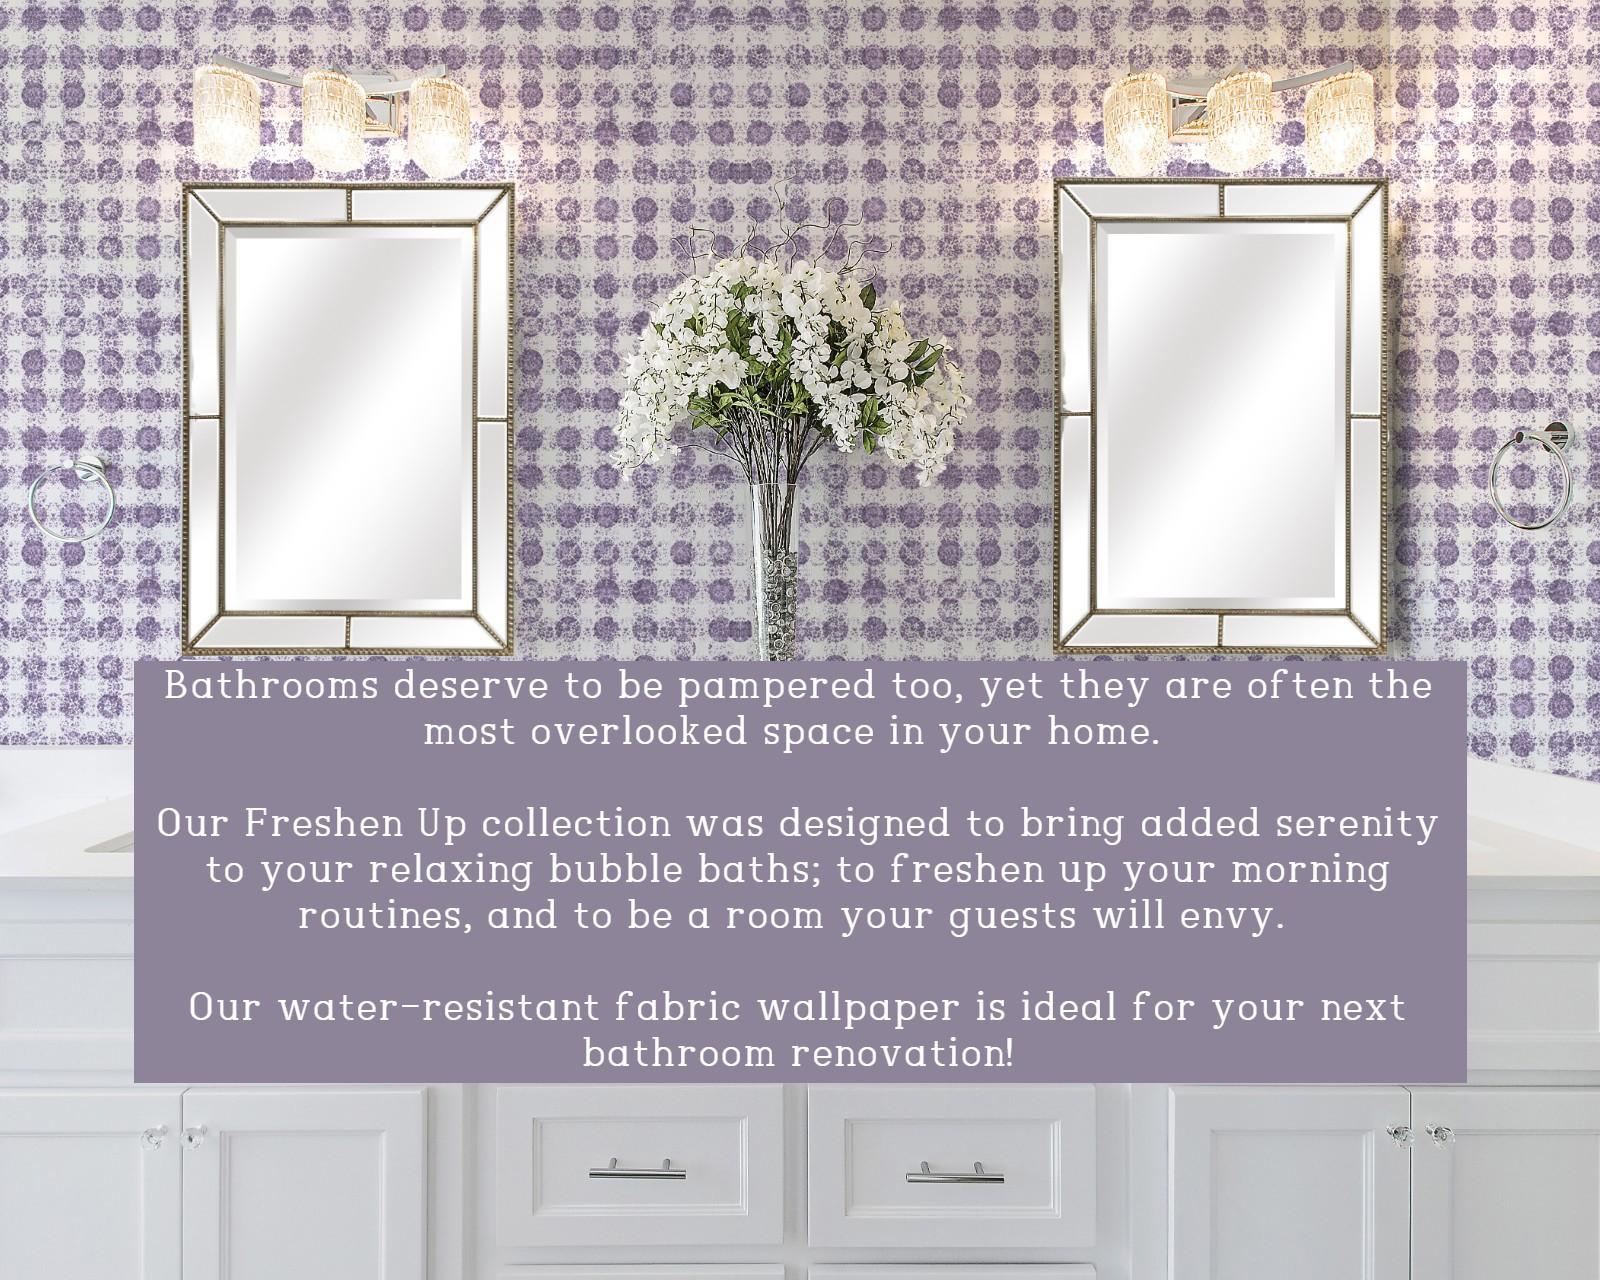 fresh-lavender-roxeburghe-bathroom-72-ppi-1-.jpg